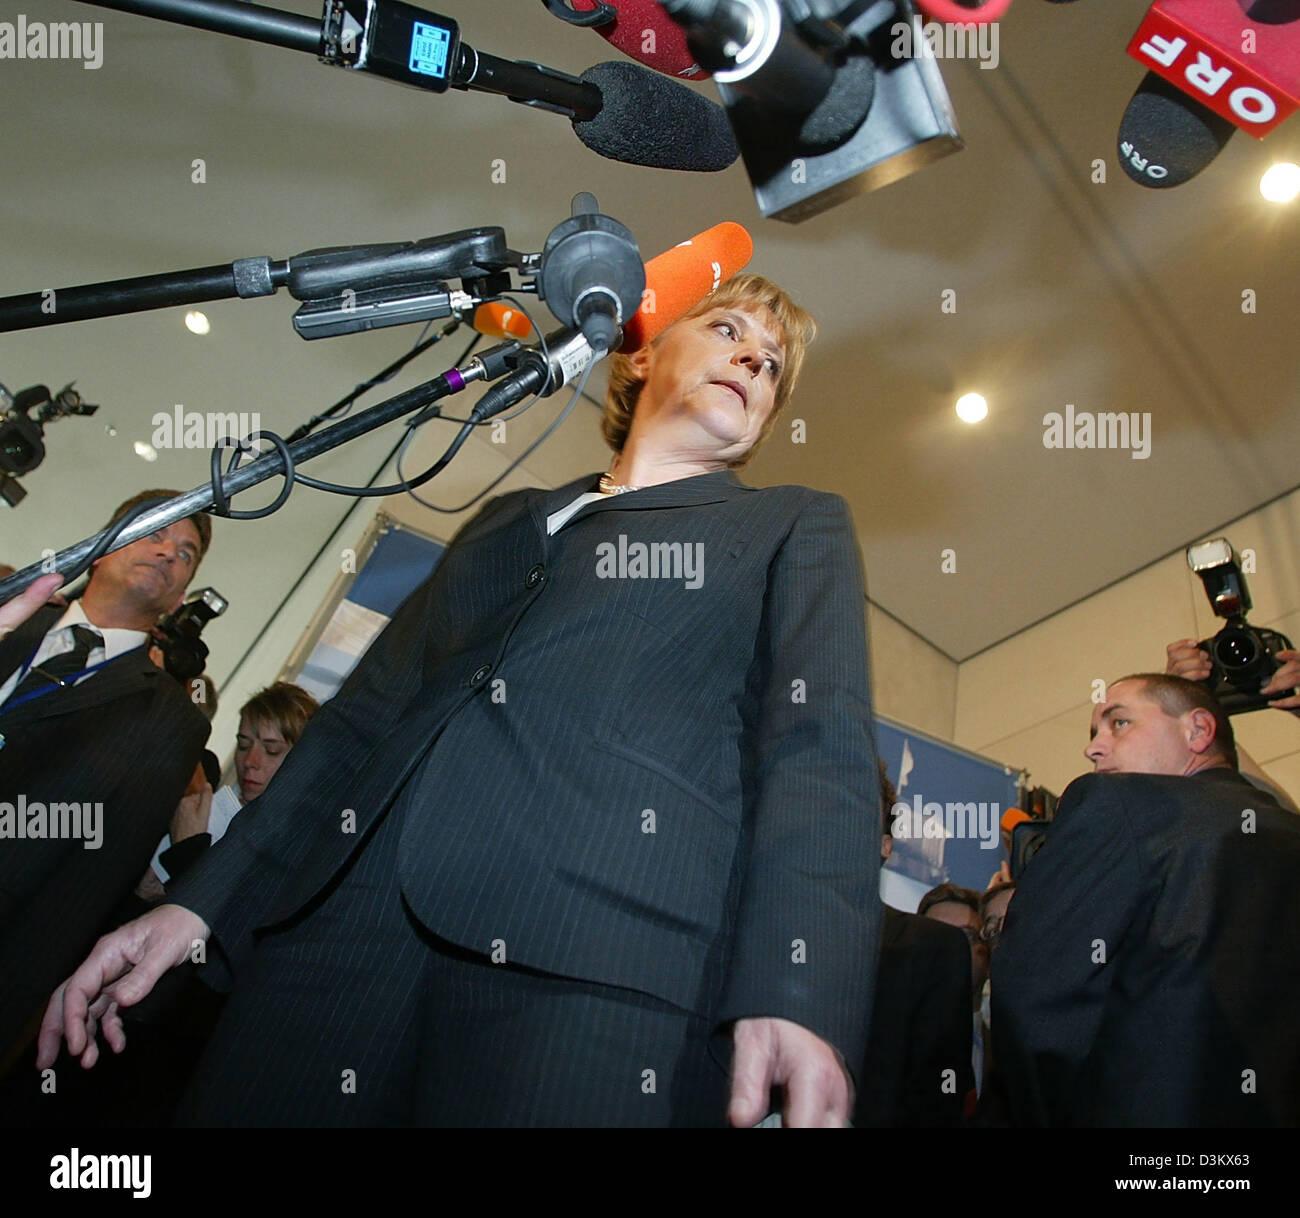 (Dpa) - Angela Merkel (C), Presidenta de la CDU y canciller candidato, delante de un conjunto de micrófonos a pesar de los resultados de la semana en las elecciones generales para el Parlamento alemán (Bundestag), Merkel fue re-electo por su partido como la Presidenta de la facción CDU/CSU con una abrumadora mayoría. Ella recibió el 98,6 por ciento de los votos, marcando su mejor resultado hasta la fecha, lo que permitió su Foto de stock